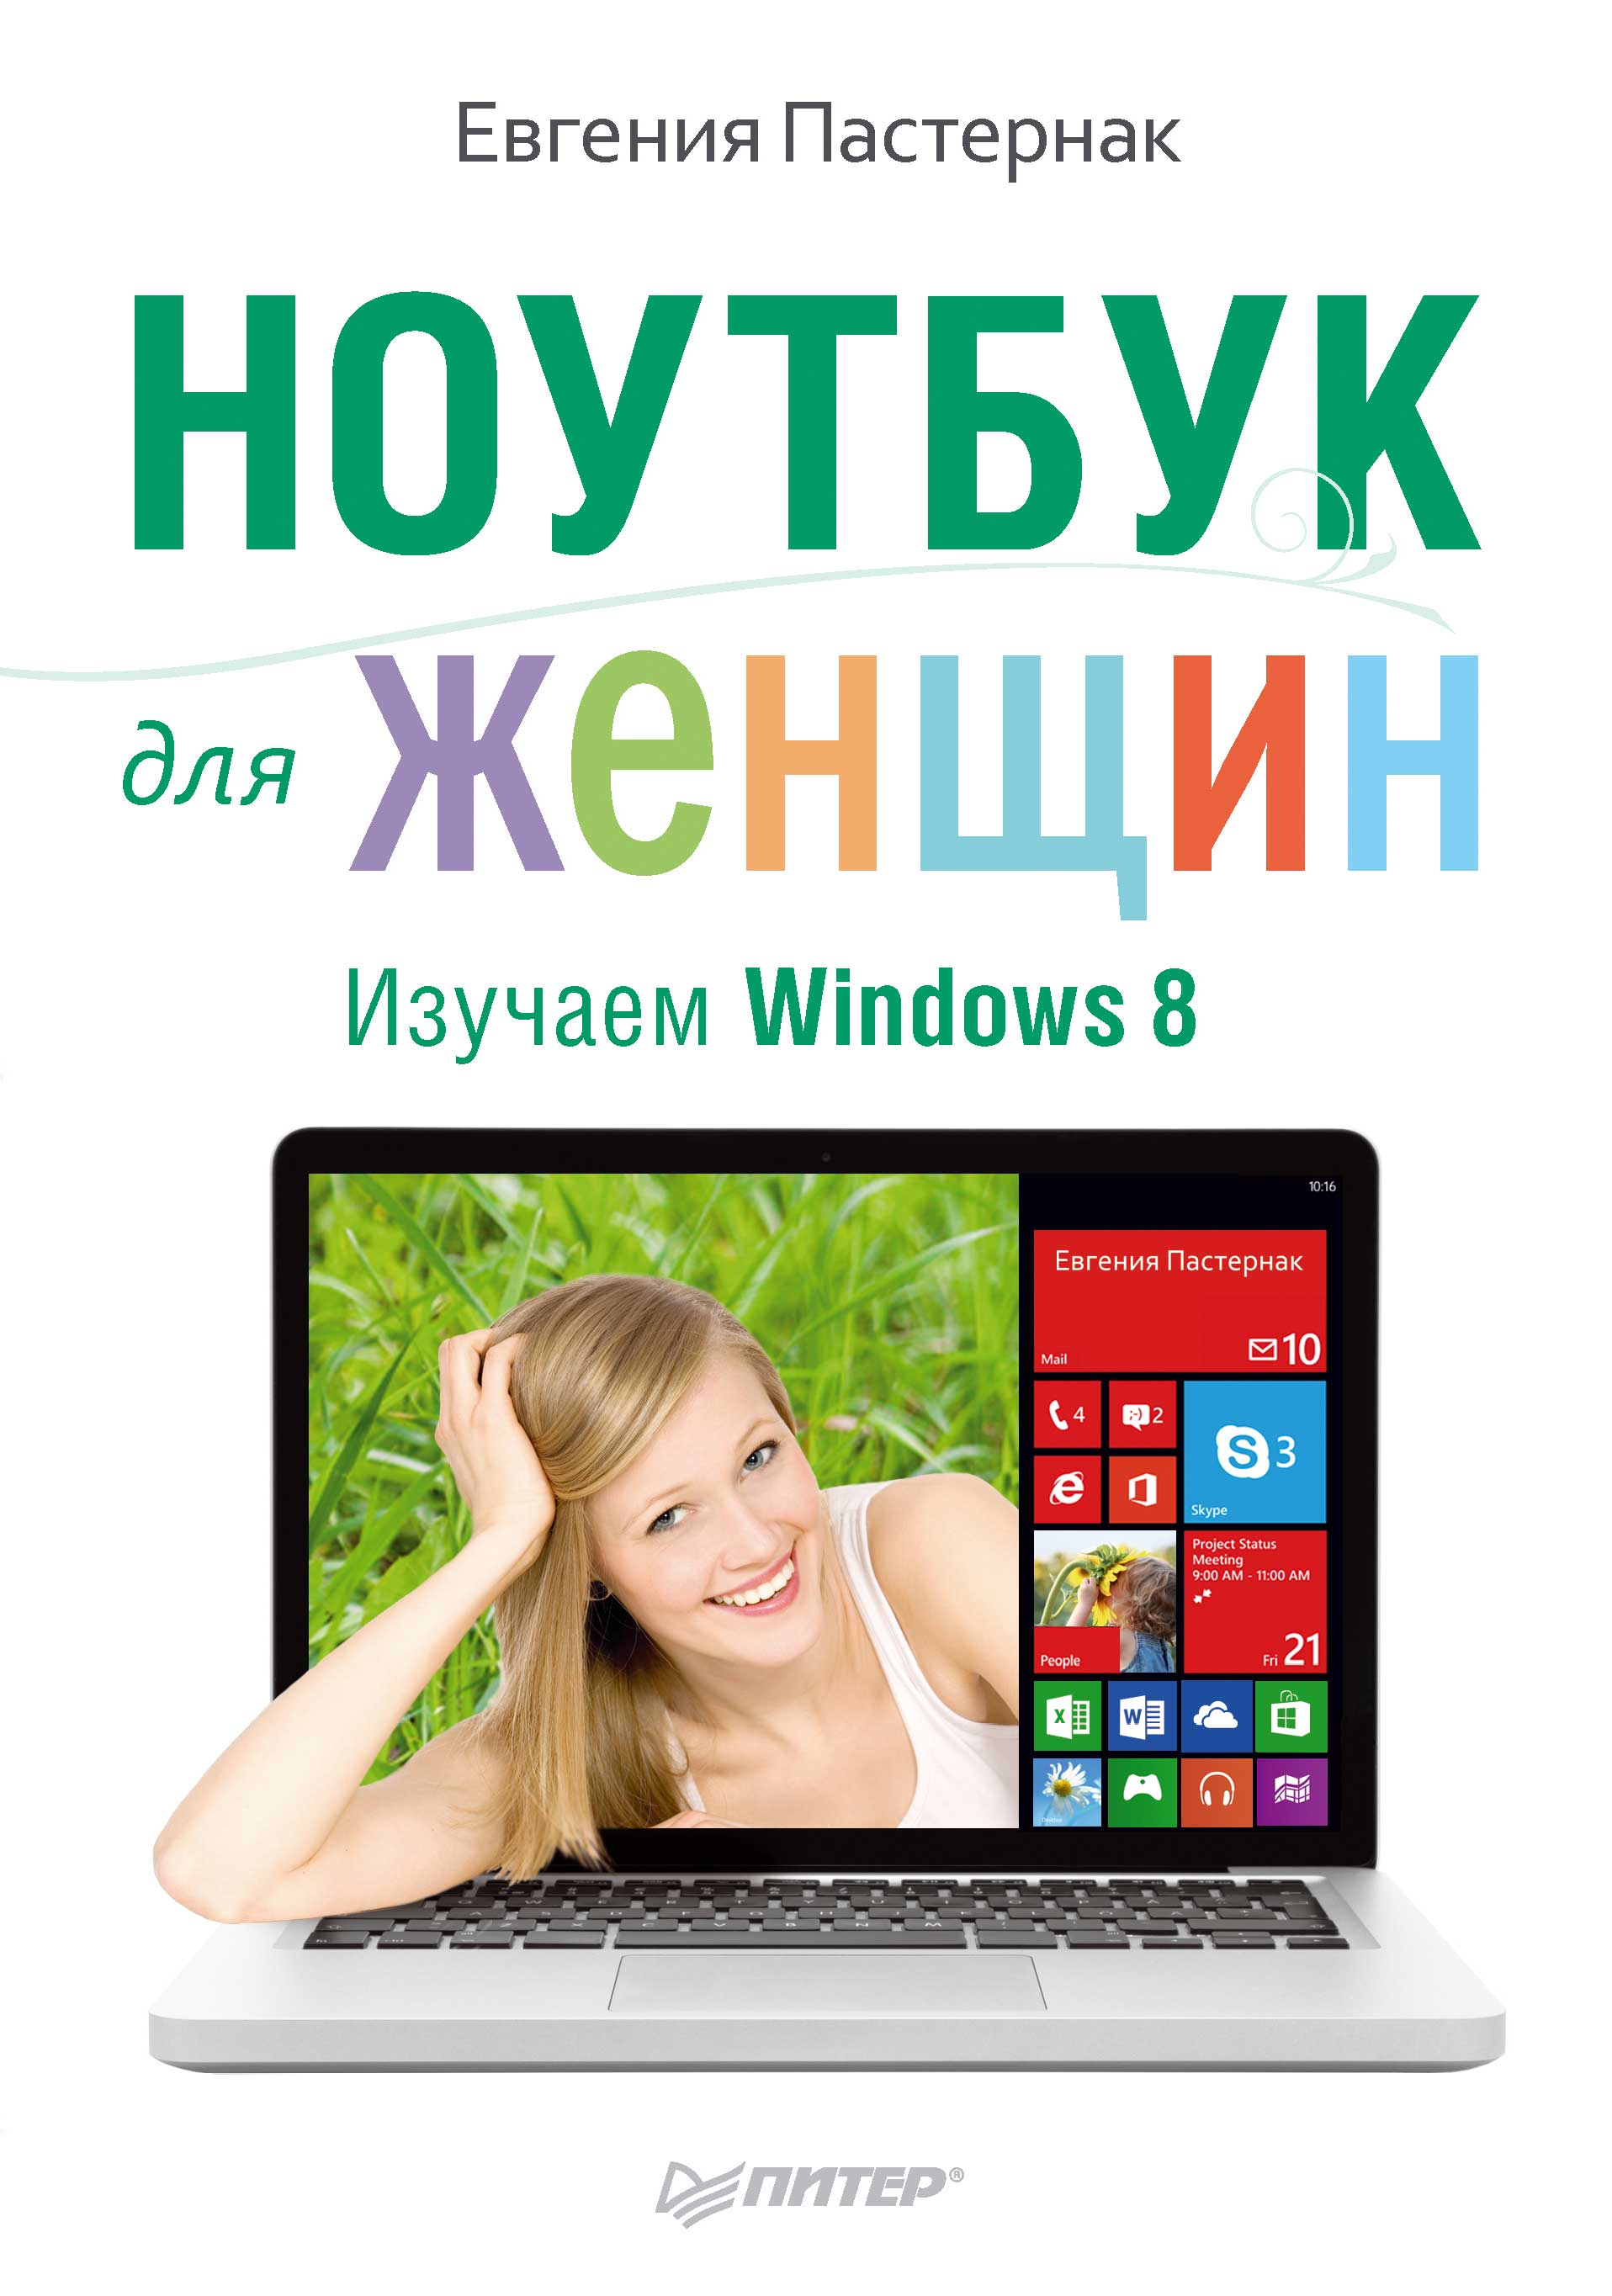 Евгения Пастернак Ноутбук для женщин. Изучаем Windows 8 евгения пастернак ноутбук для женщин изучаем windows 7